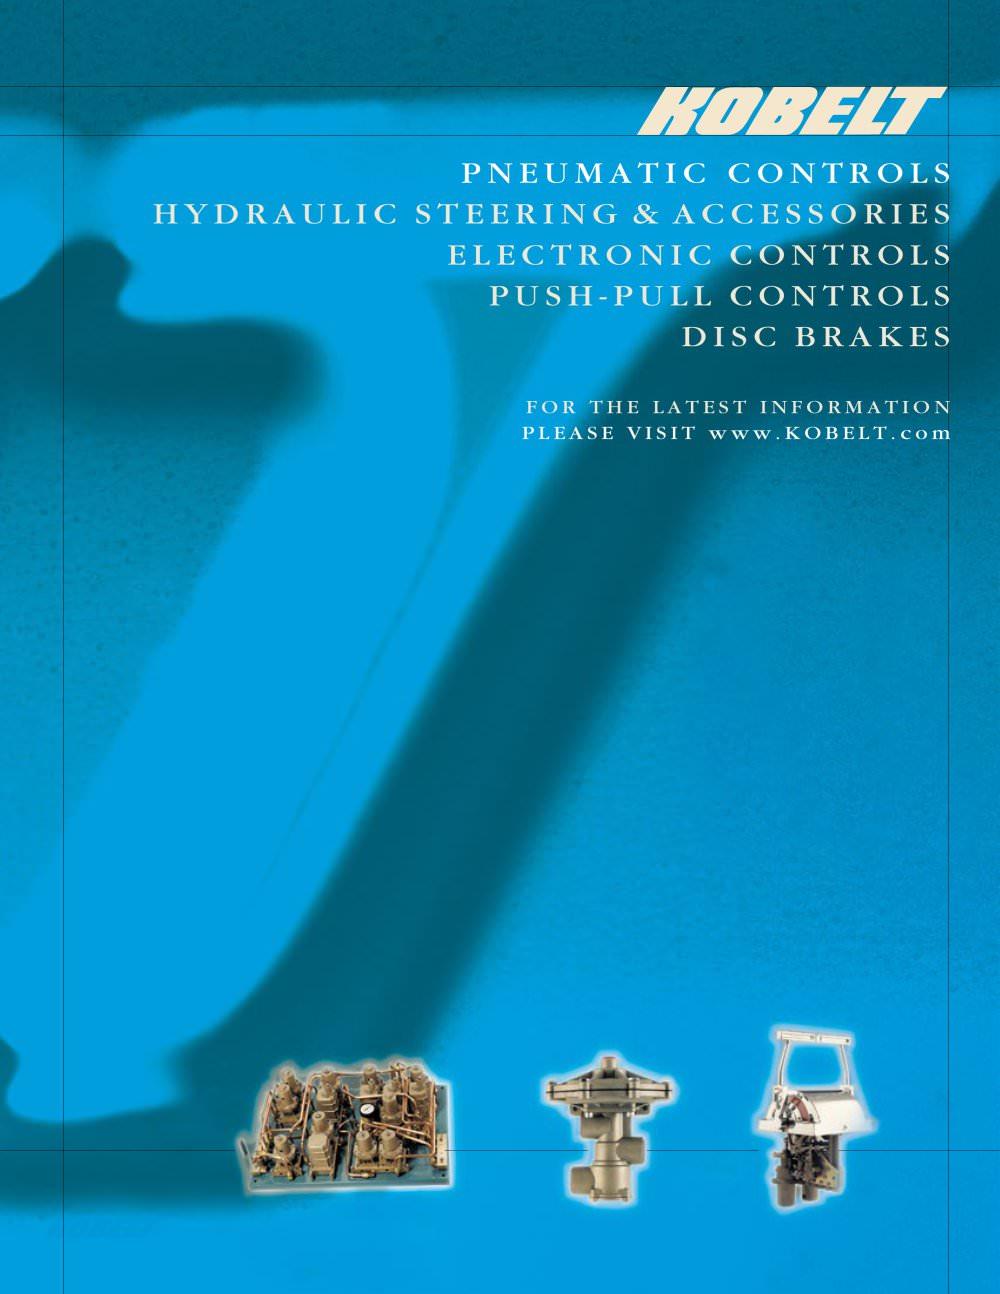 Stylish Pneumatics